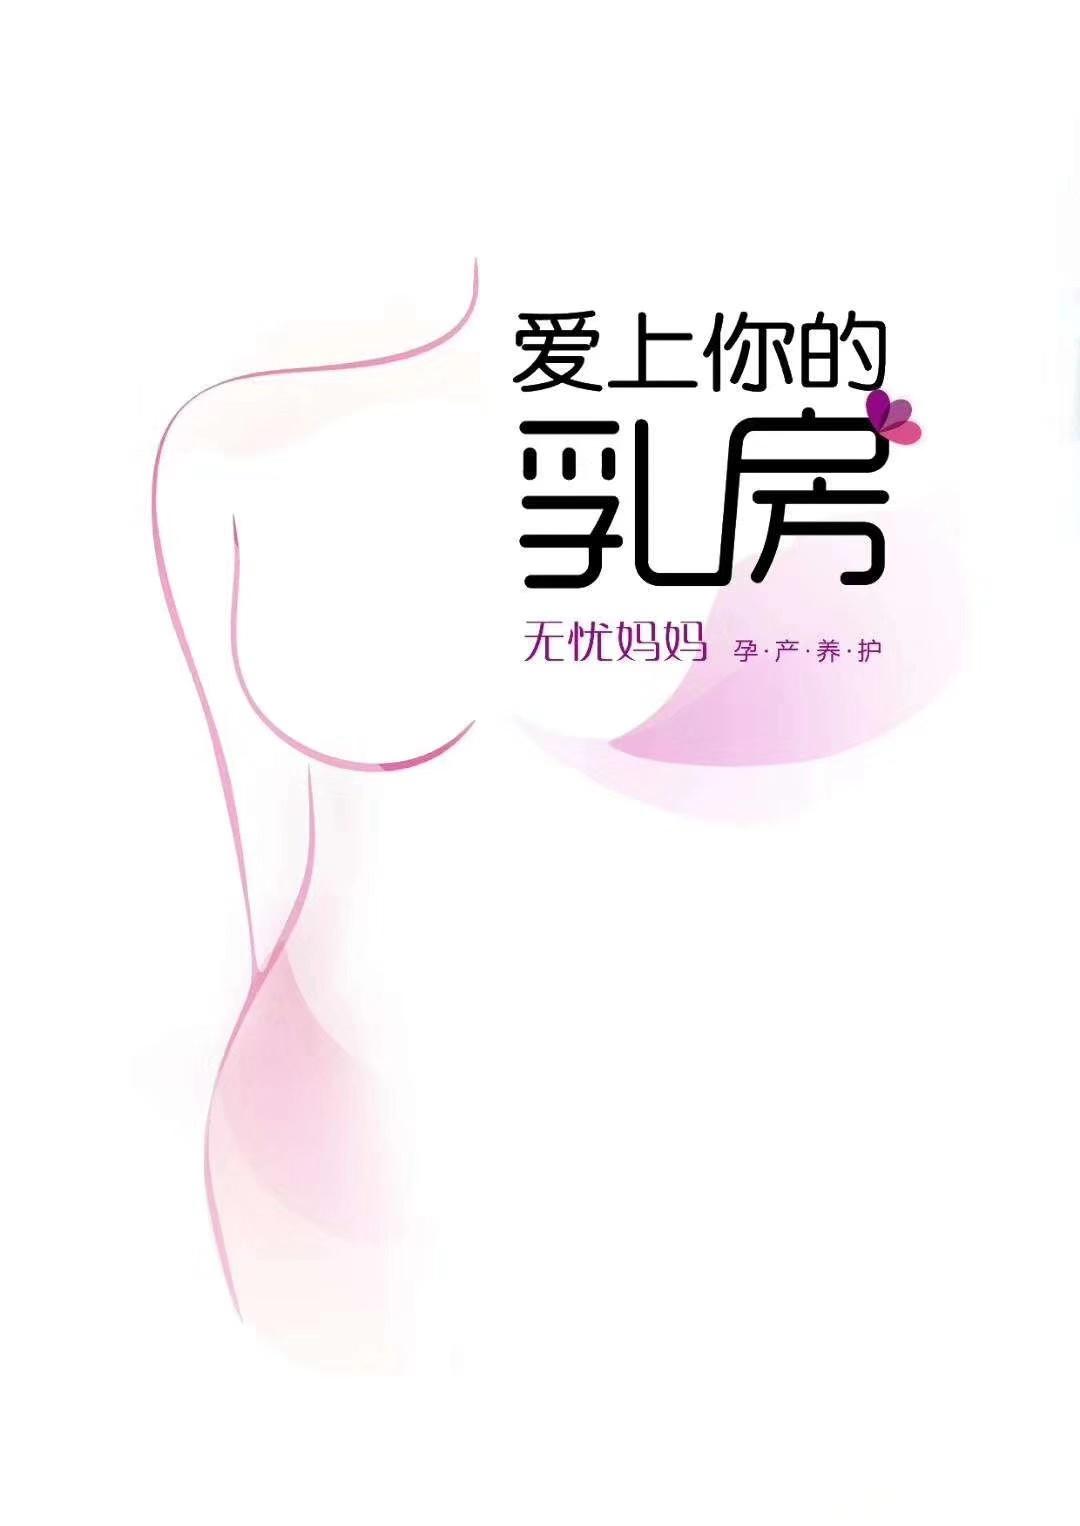 化 乳腺 女性